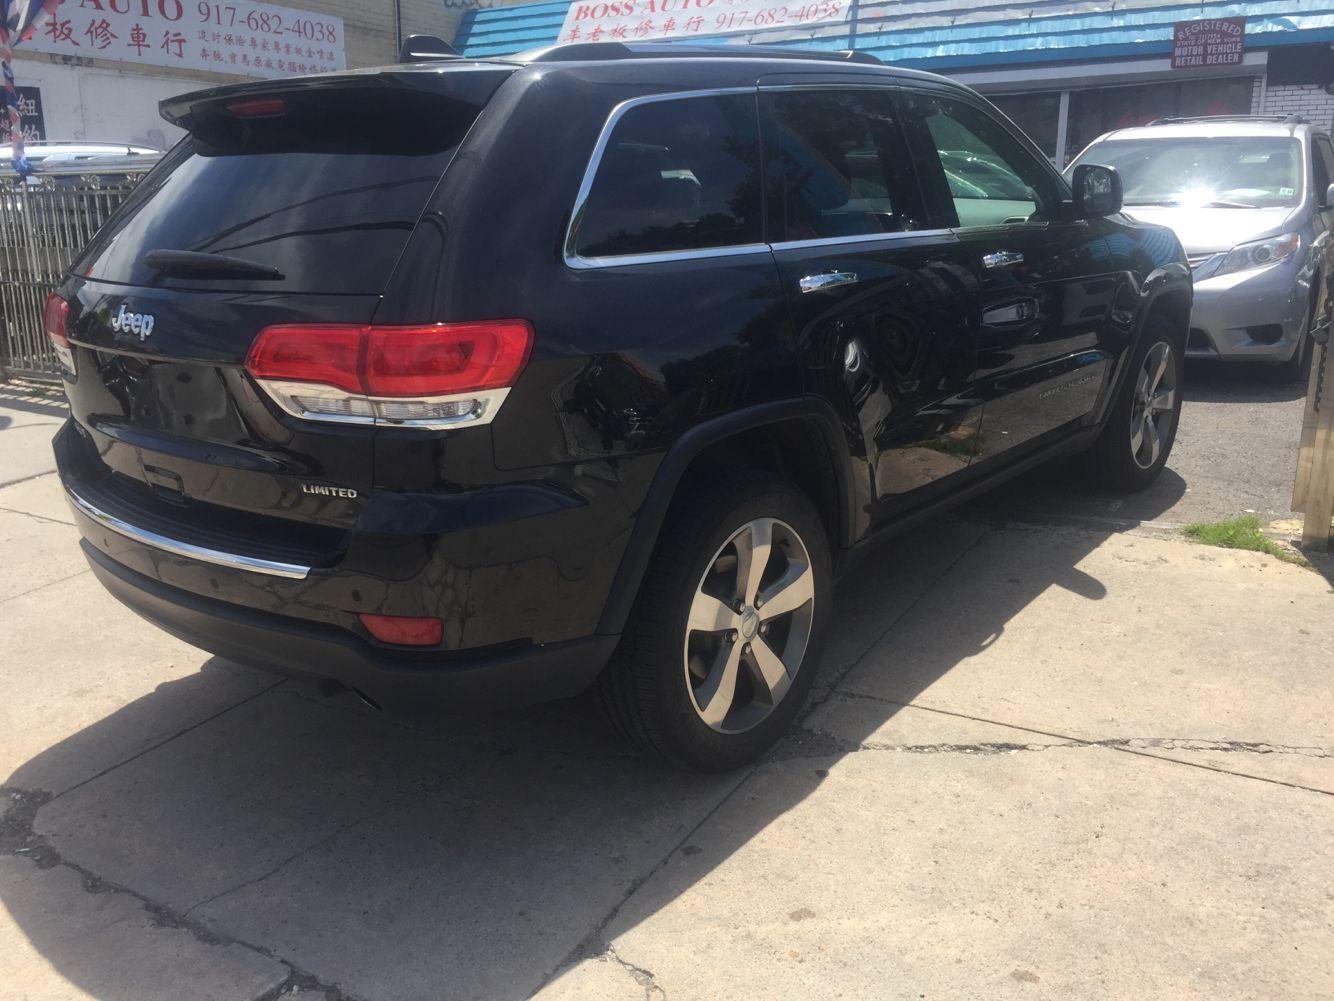 出售2015年 jeep 大切 Grand Cherokee LIMITED 里程35000miles 同城,唐人街,都市圈,海外华人,出售 第6张图片